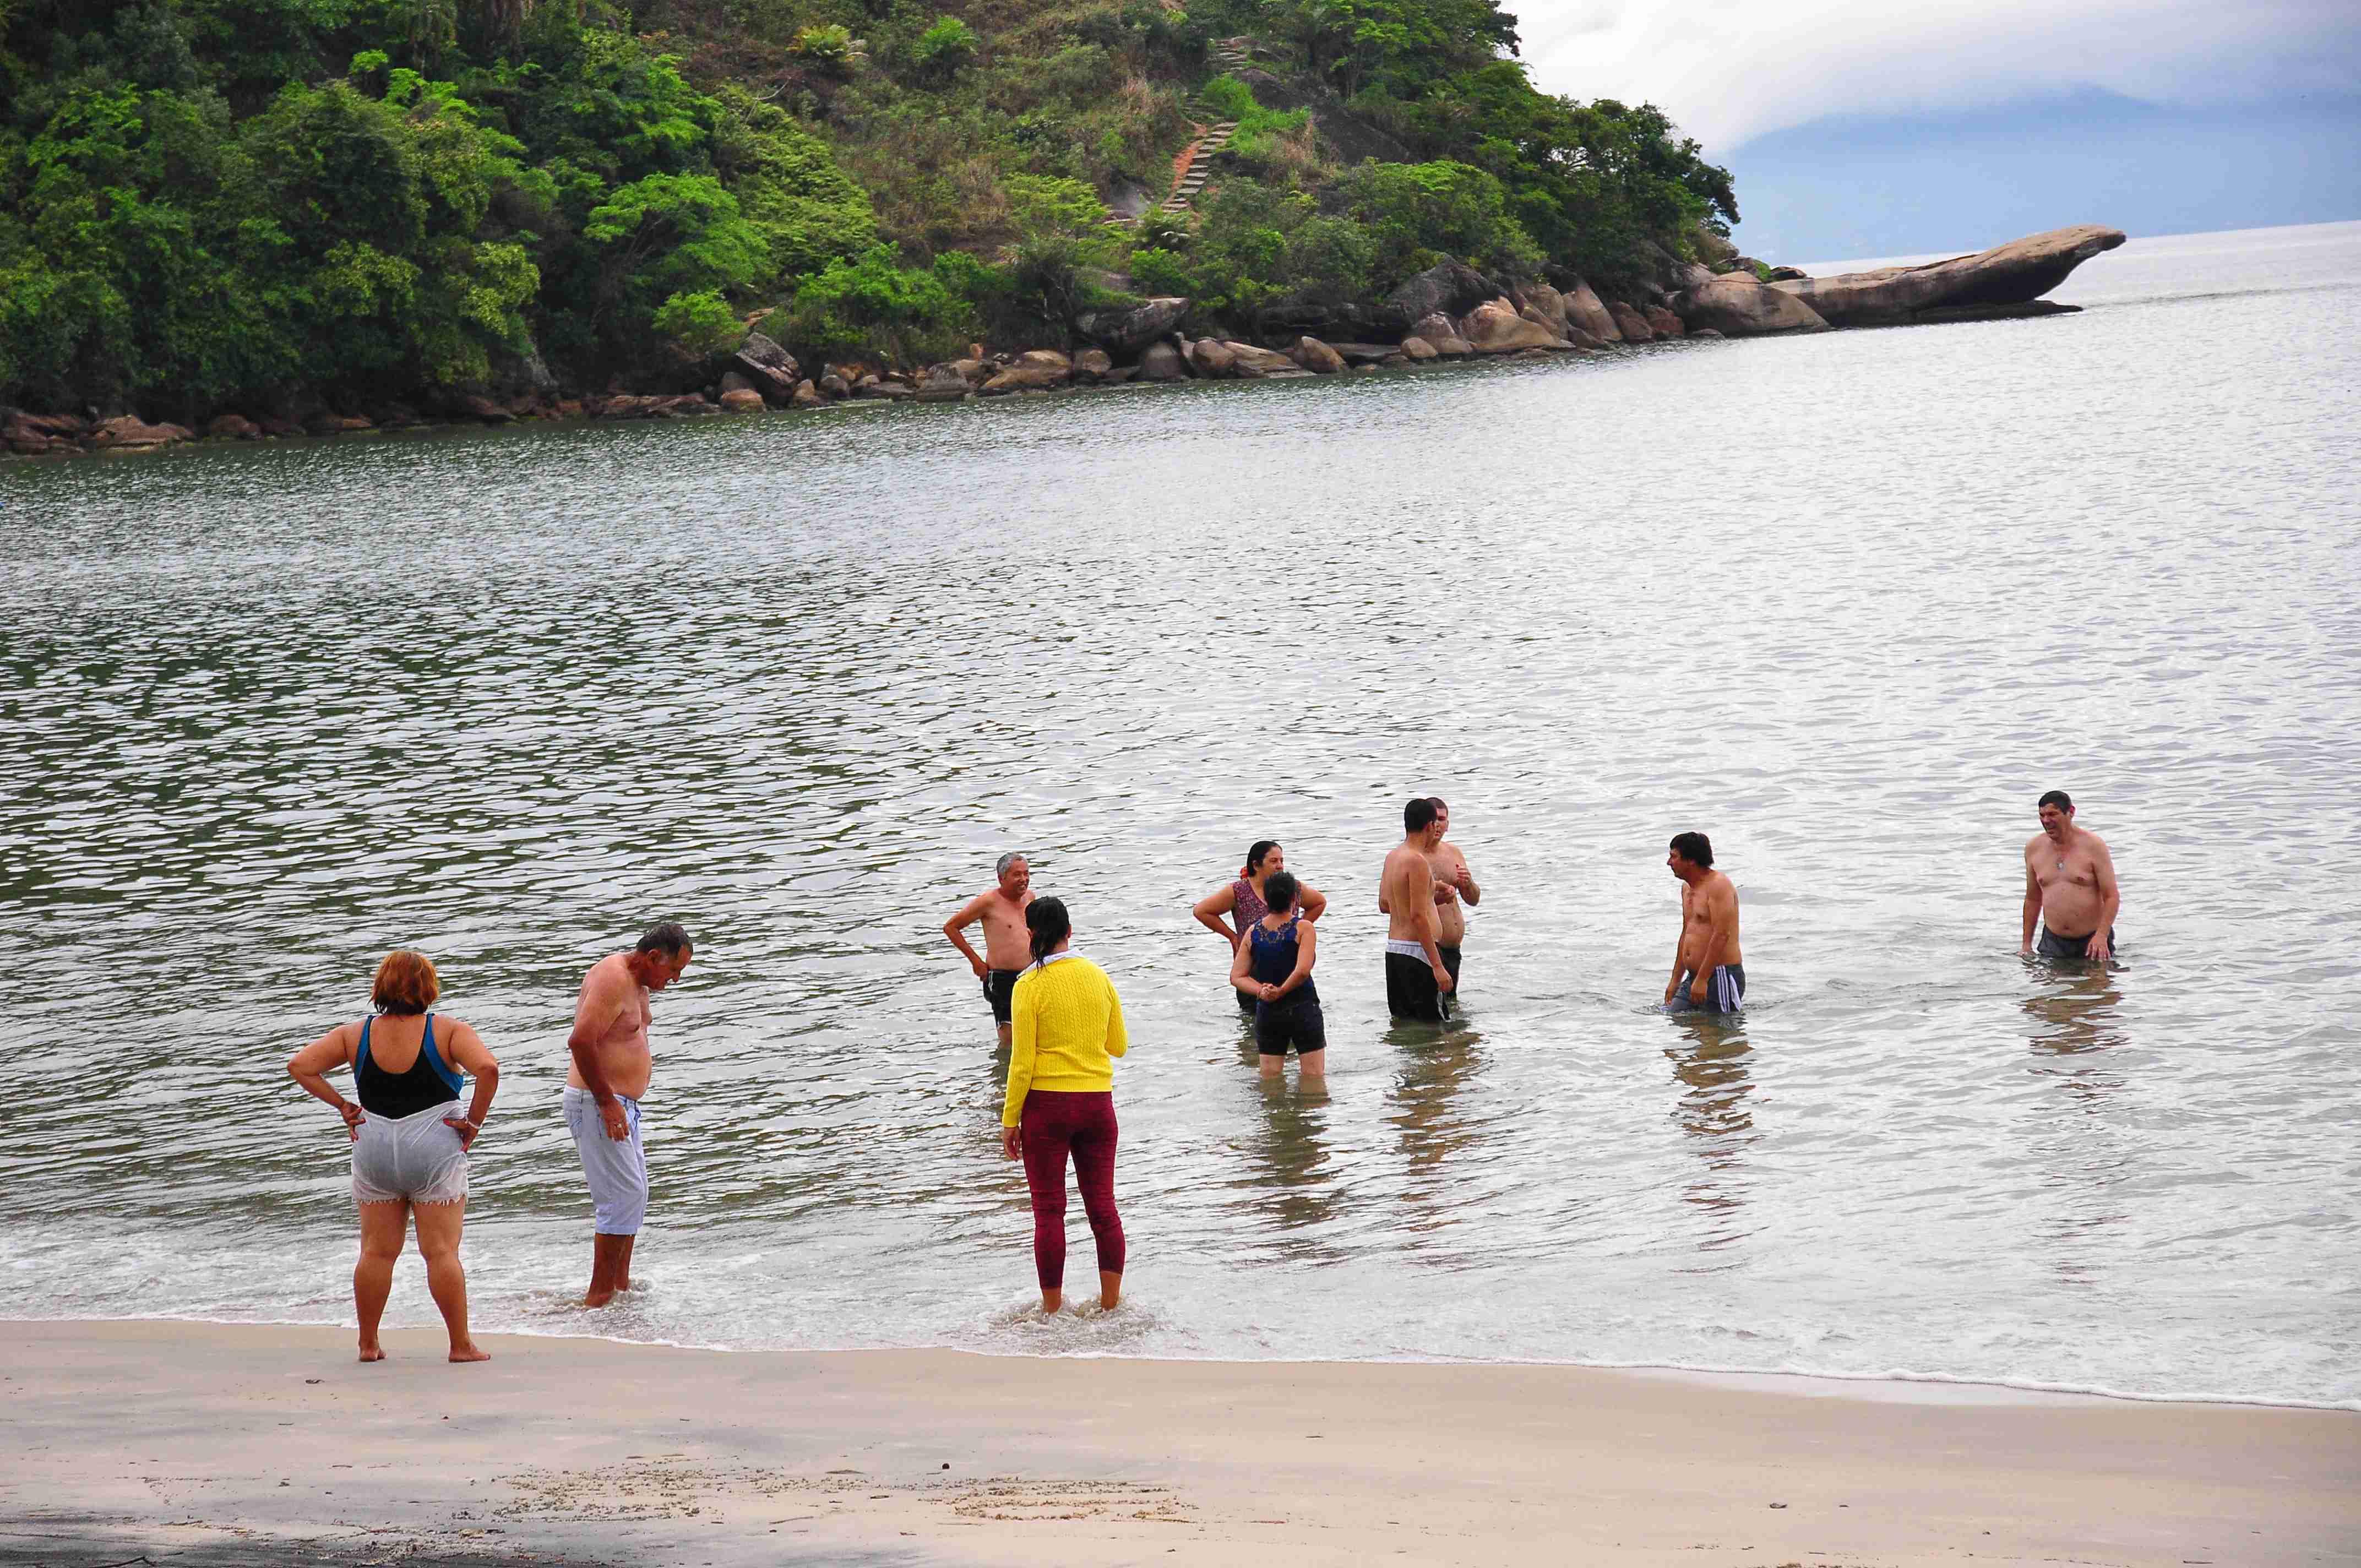 Atendidos pelo Caps de Taubaté visitam Caraguatatuba